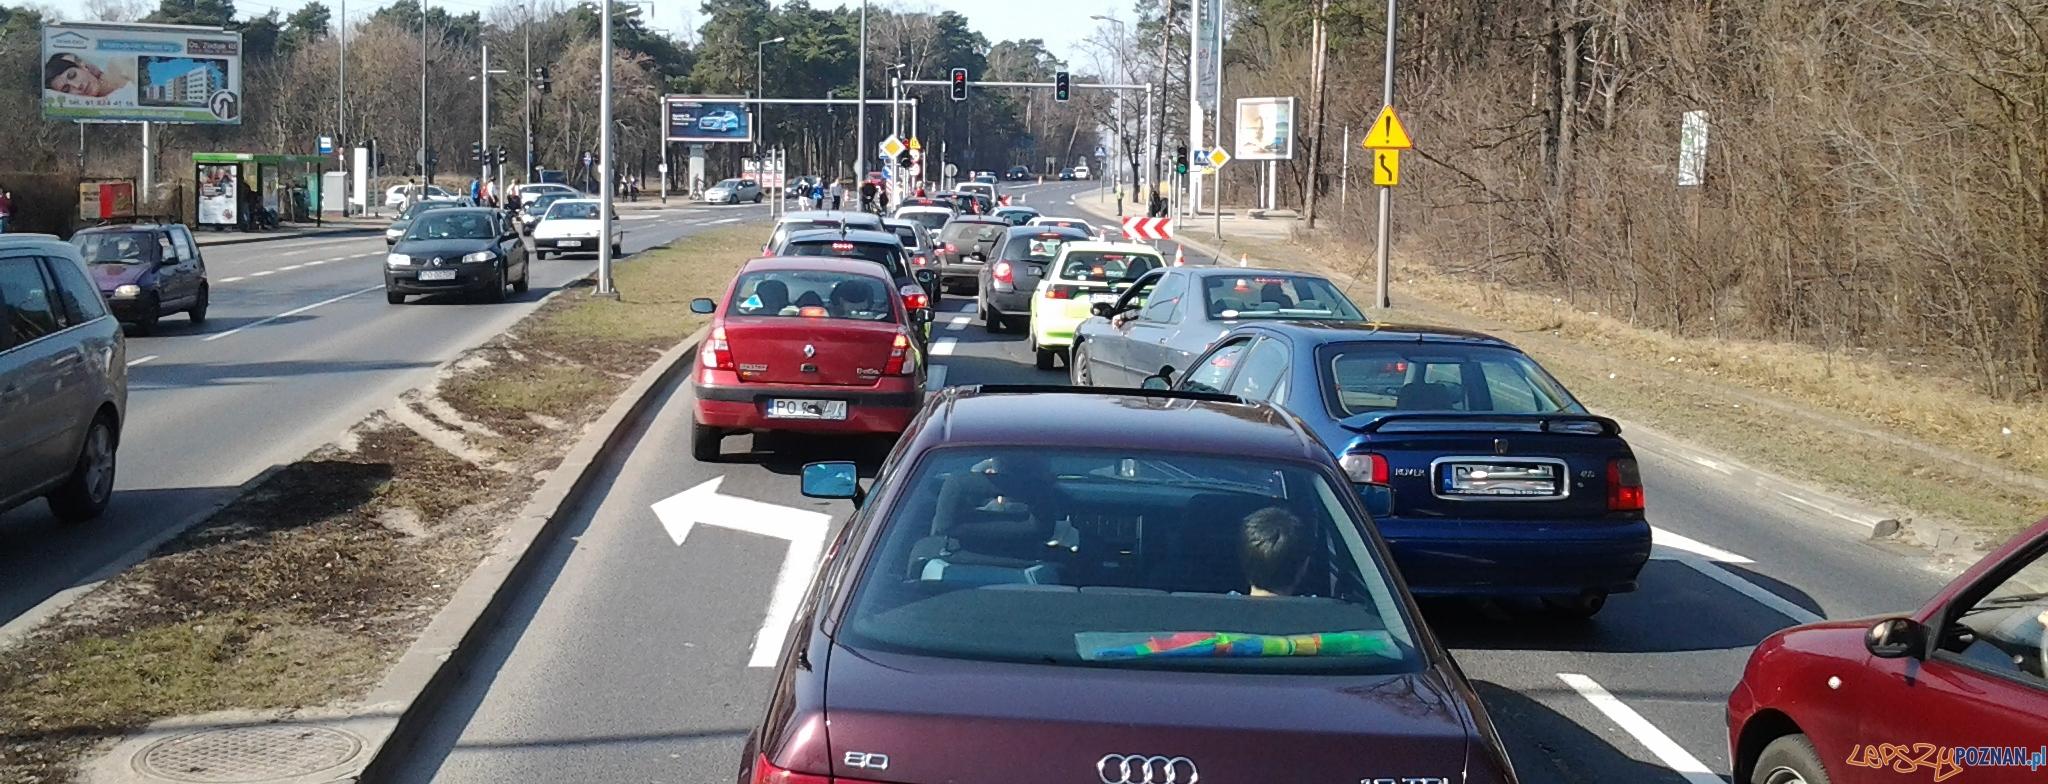 Bałagan przed skrętem w Chartowo - samochody upychane na jeden pas  Foto: lepszyPOZNAN.pl / ag